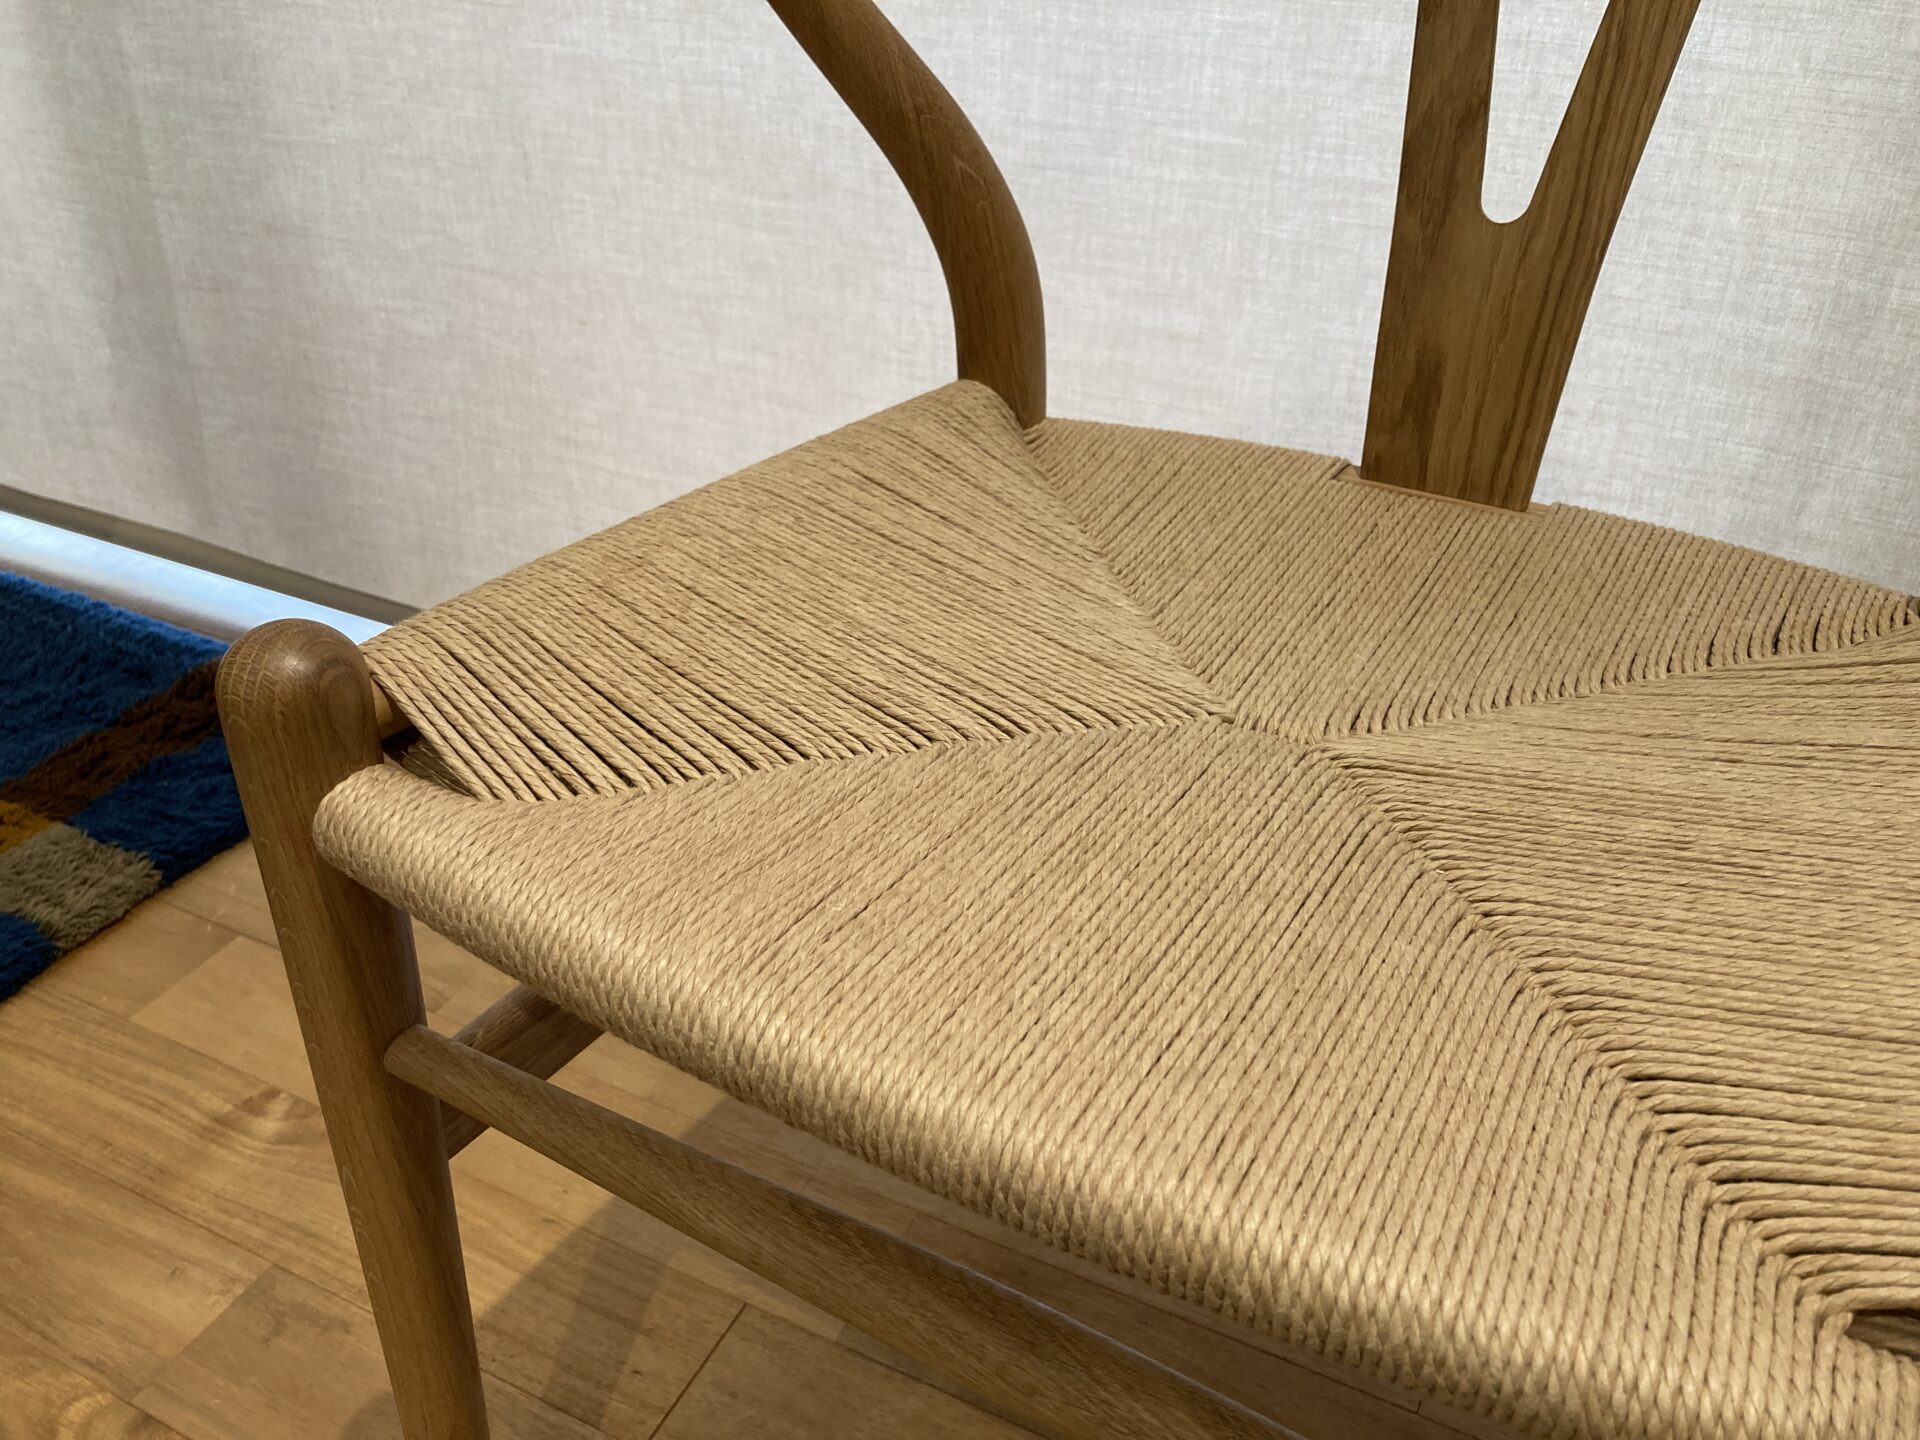 これは椅子の写真です